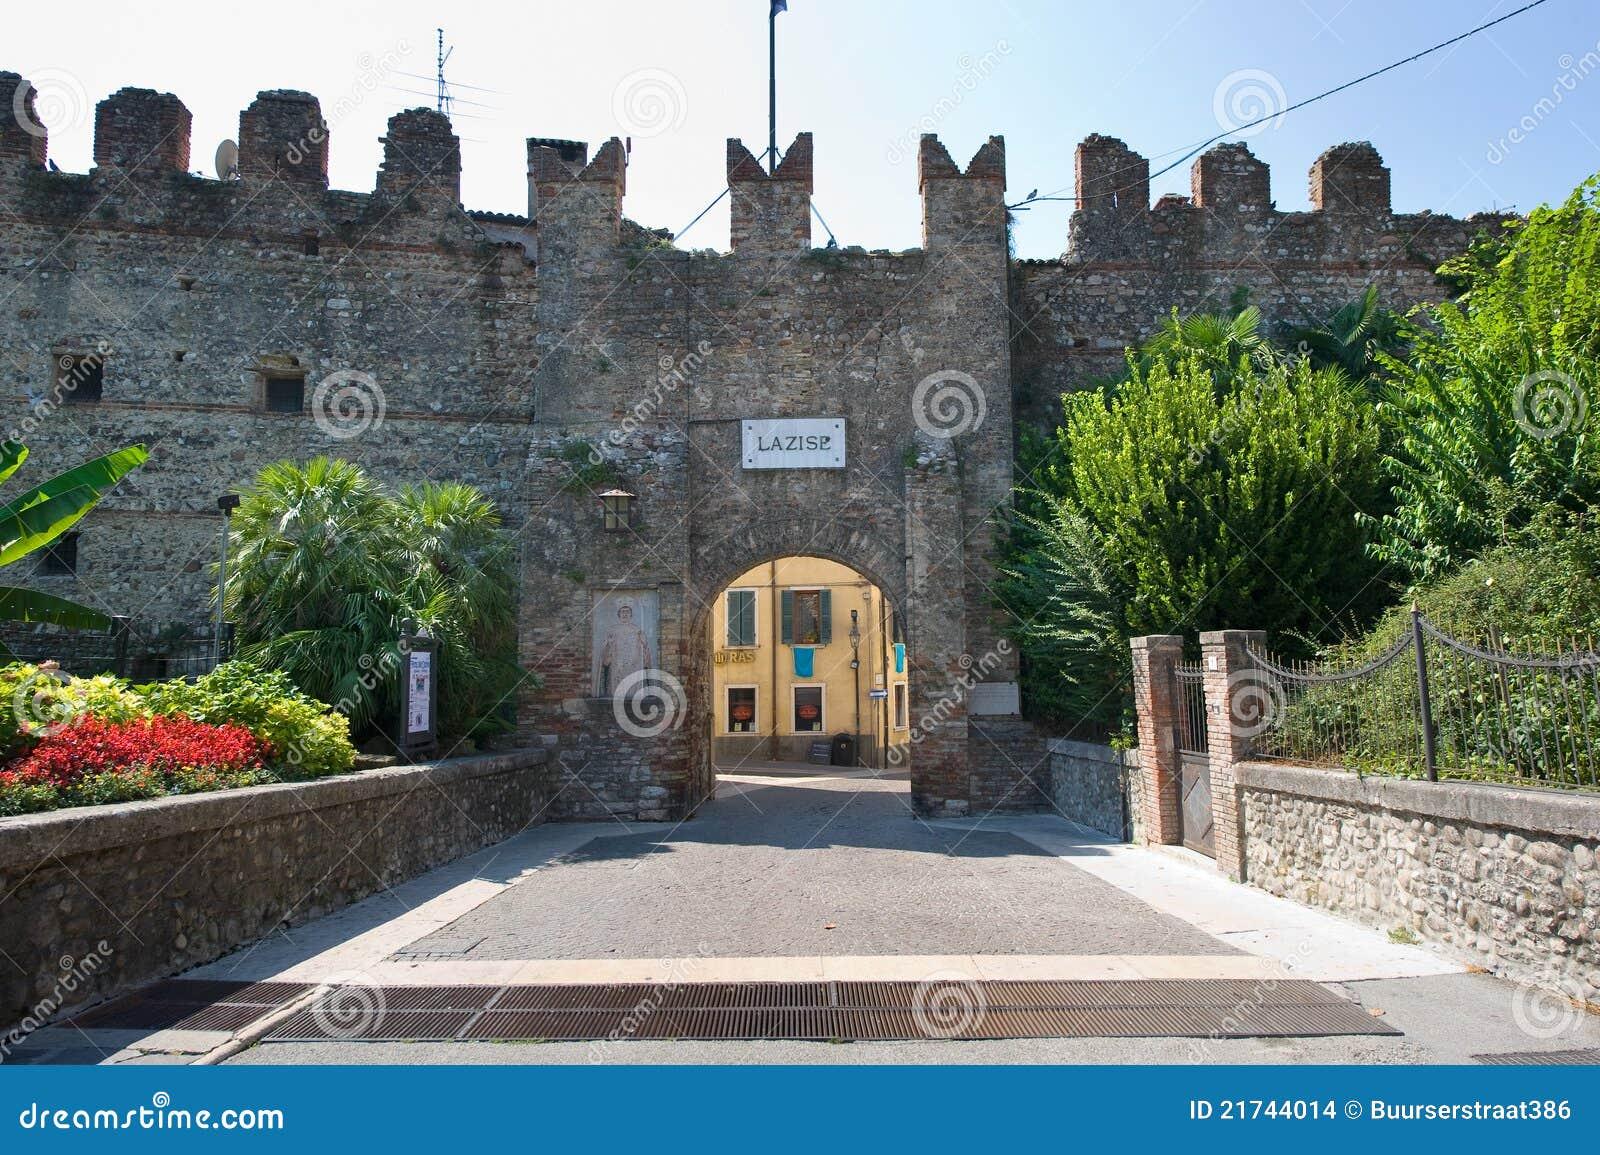 De muur van de stad van lazise stock afbeeldingen afbeelding 21744014 - Muur van de ingang ...